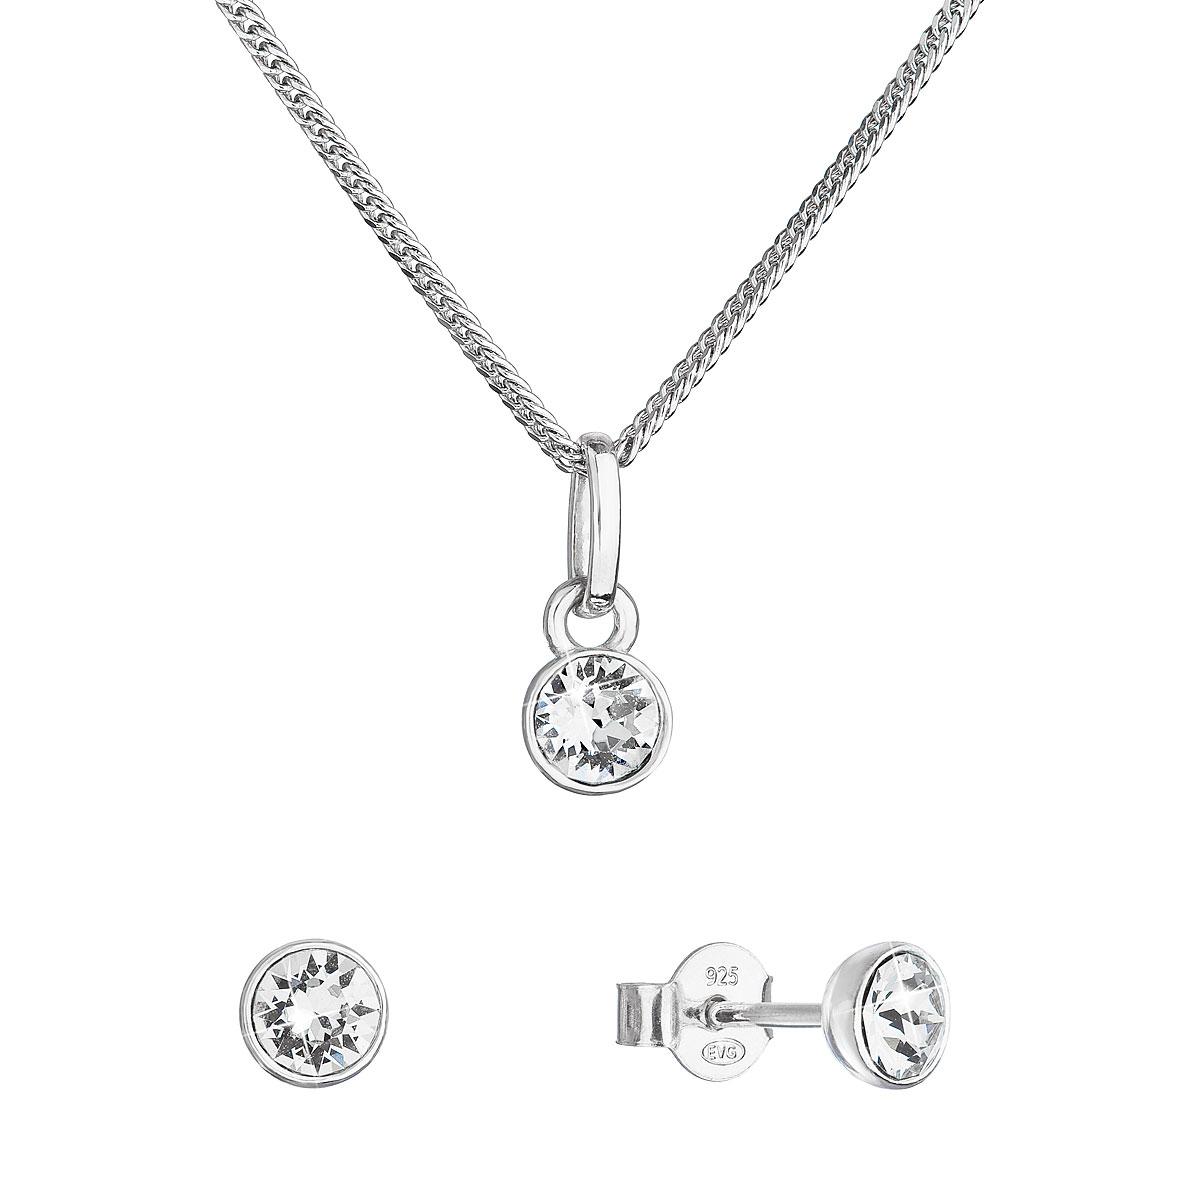 Evolution Group Sada šperků s krystaly Swarovski náušnice, řetízek a přívěsek kulaté 39177.1